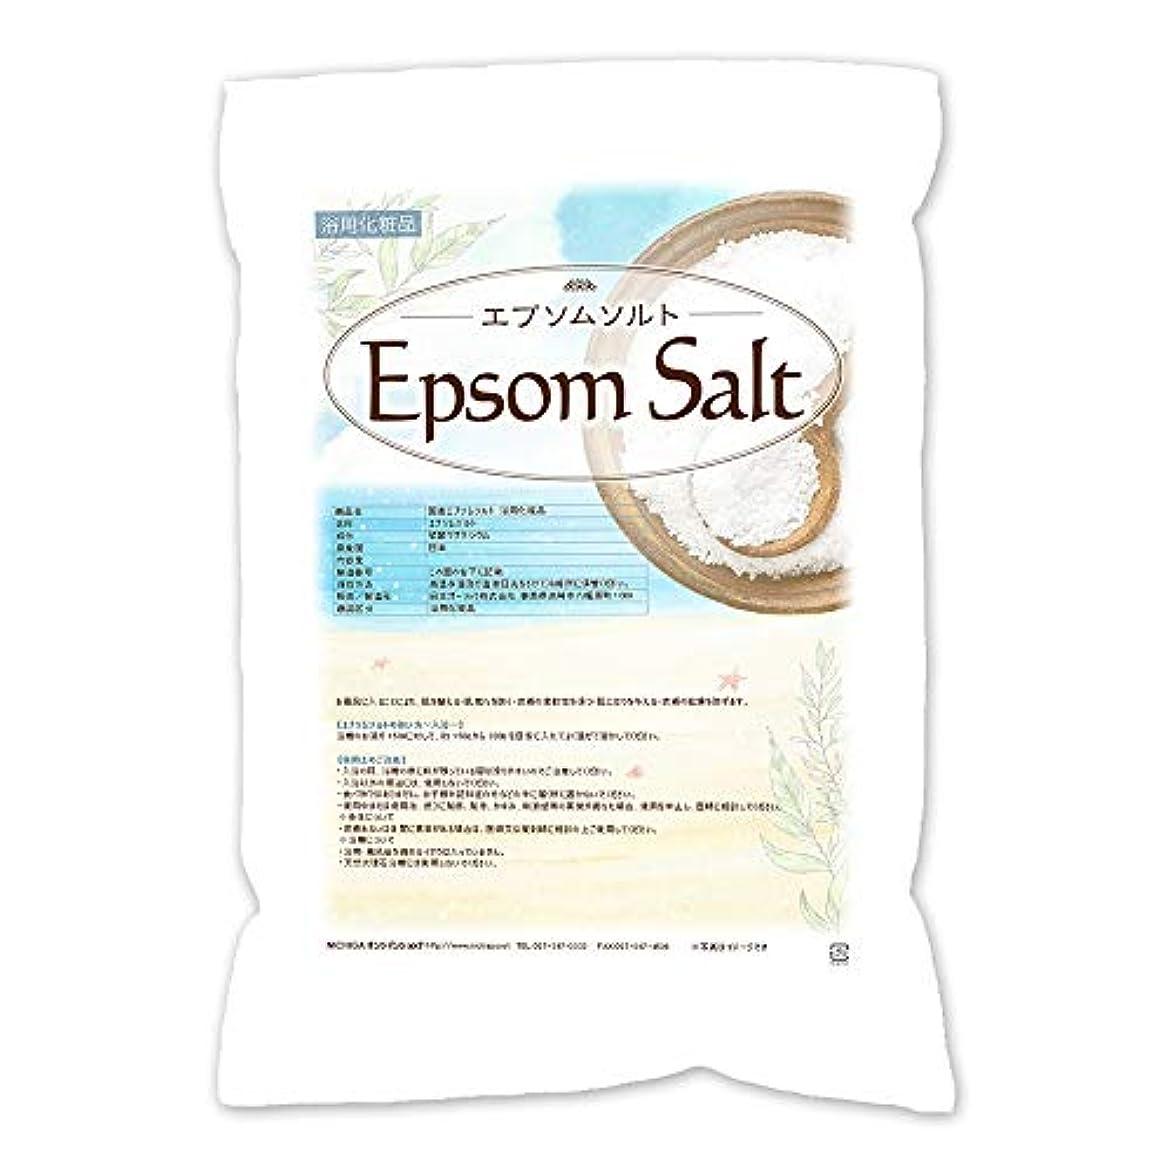 不満優遇外側エプソムソルト 4.5kg(Epsom Salt)浴用化粧品 [02] 国産原料 NICHIGA(ニチガ)